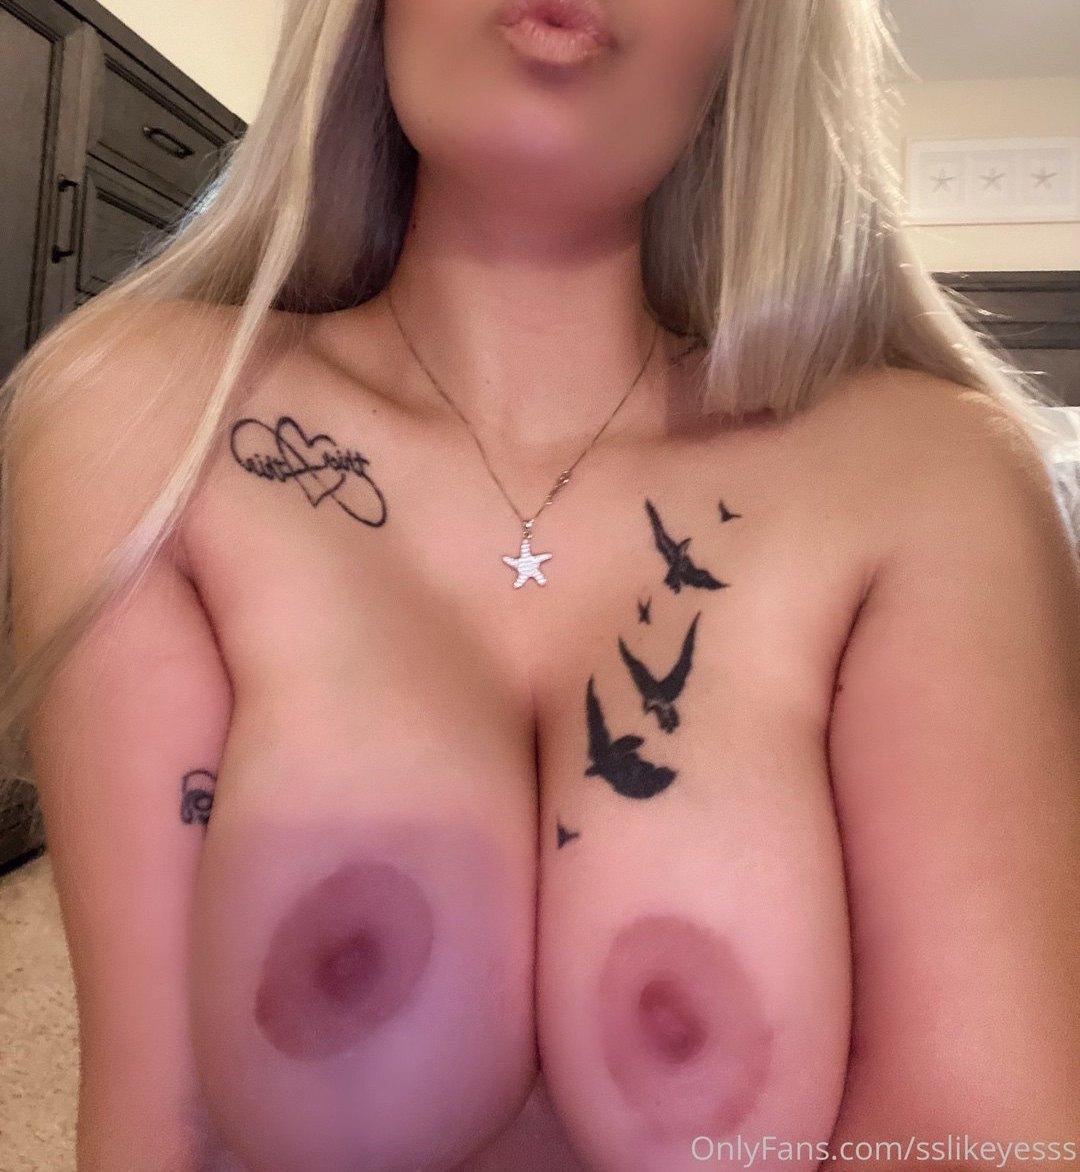 Sslikeyesss Onlyfans Nudes Leaks 0017